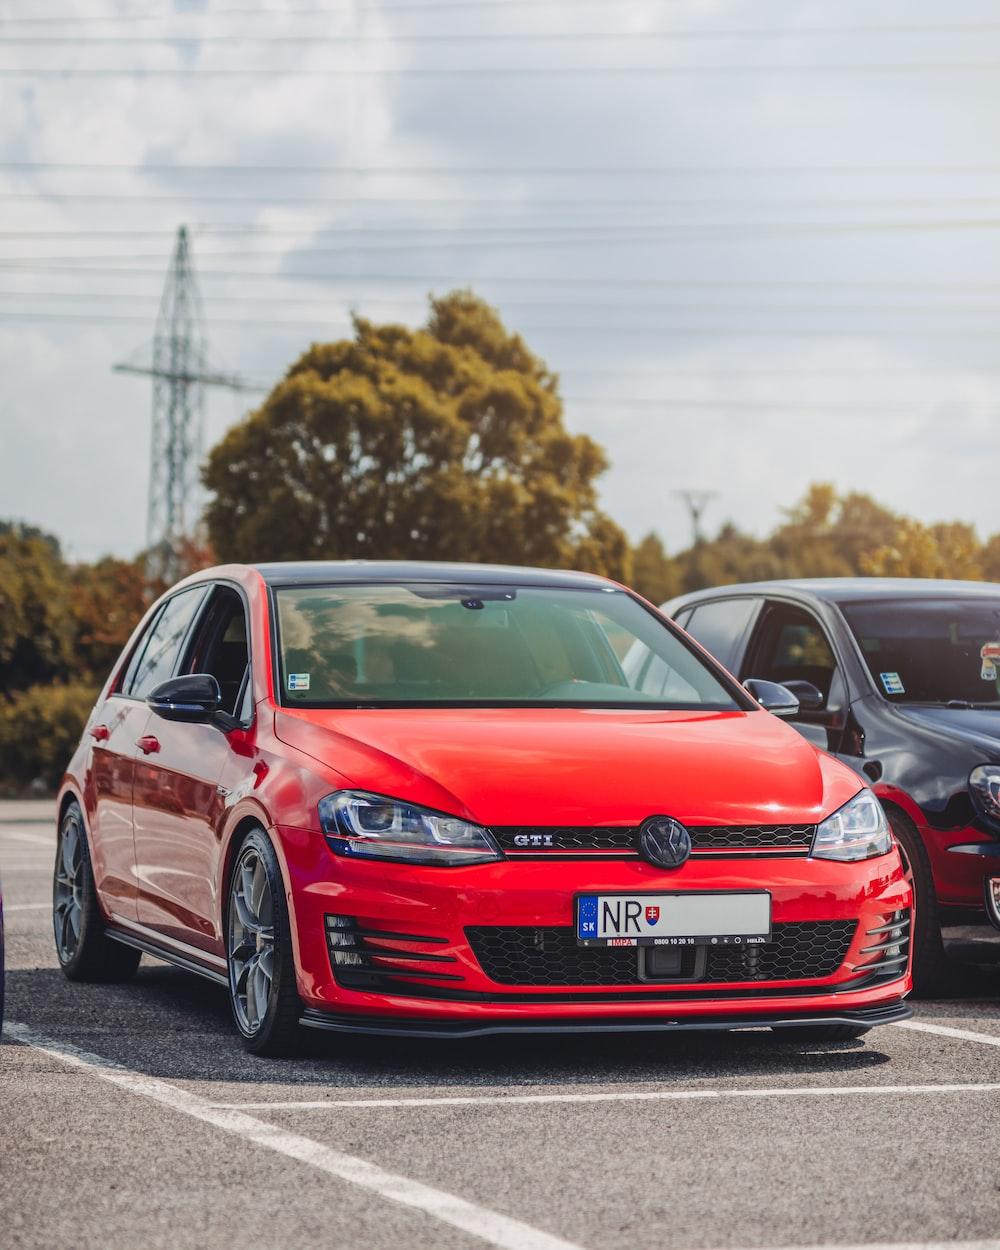 red Volkswagen Golf GTI 5-door hatchback in parking lot